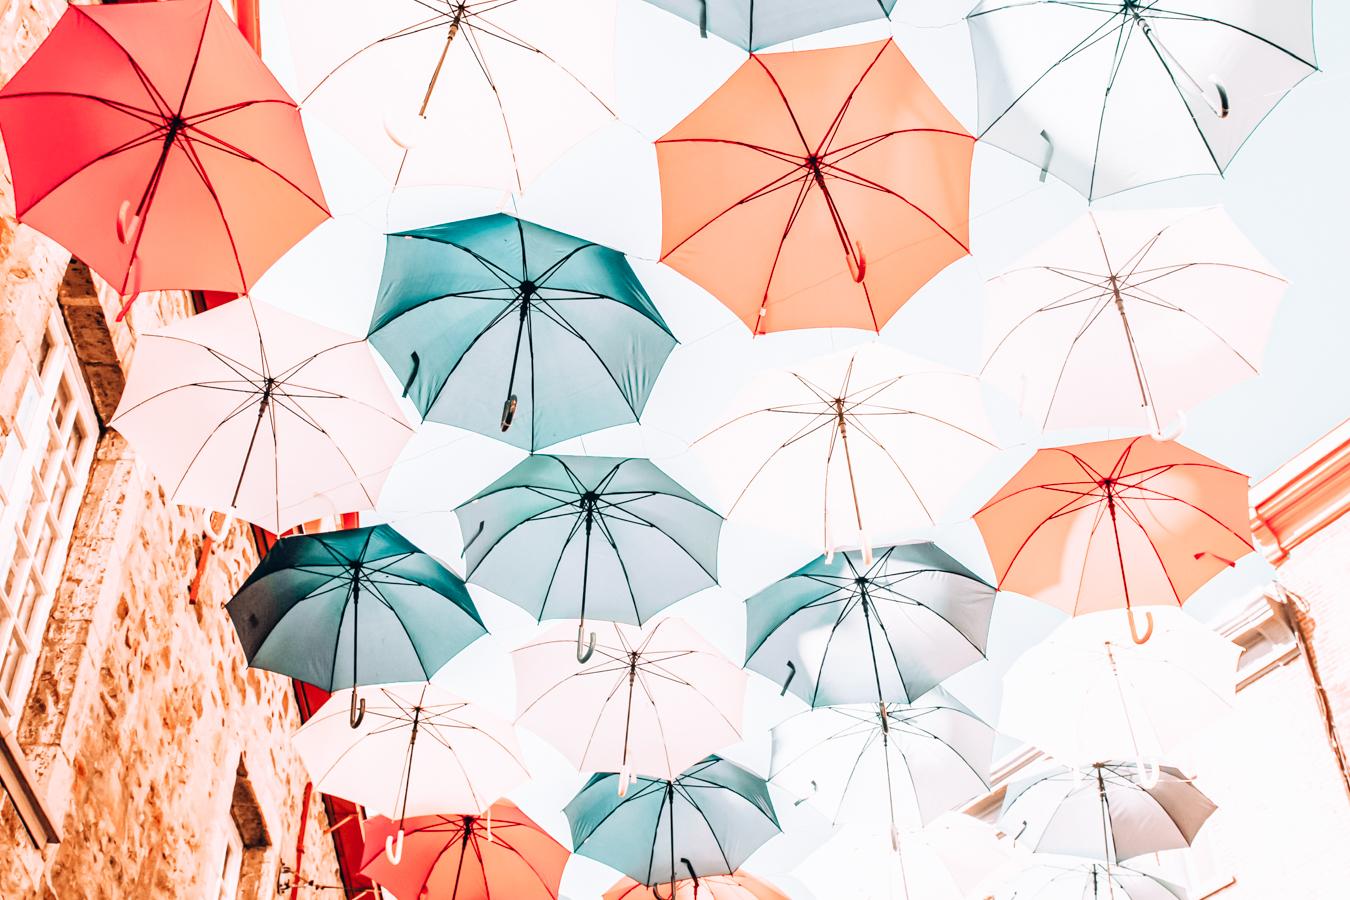 Umbrellas in Quebec City